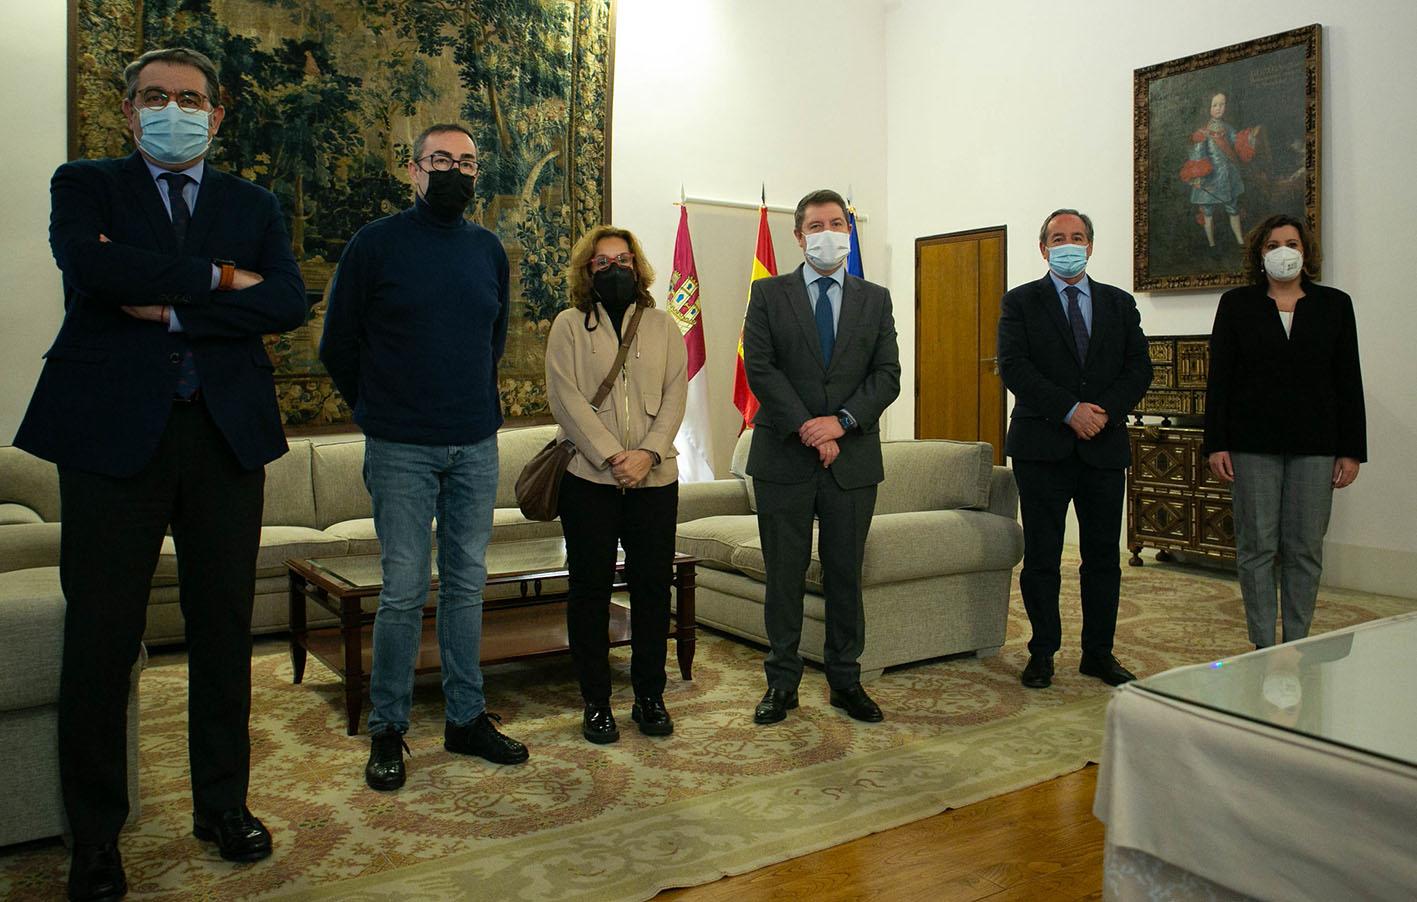 De izquierda a derecha, Jesús Fernández Sanz, Paco de la Rosa, Amparo Burgueño, Emiliano García-Page, Ángel Nicolás y Patricia Franco.